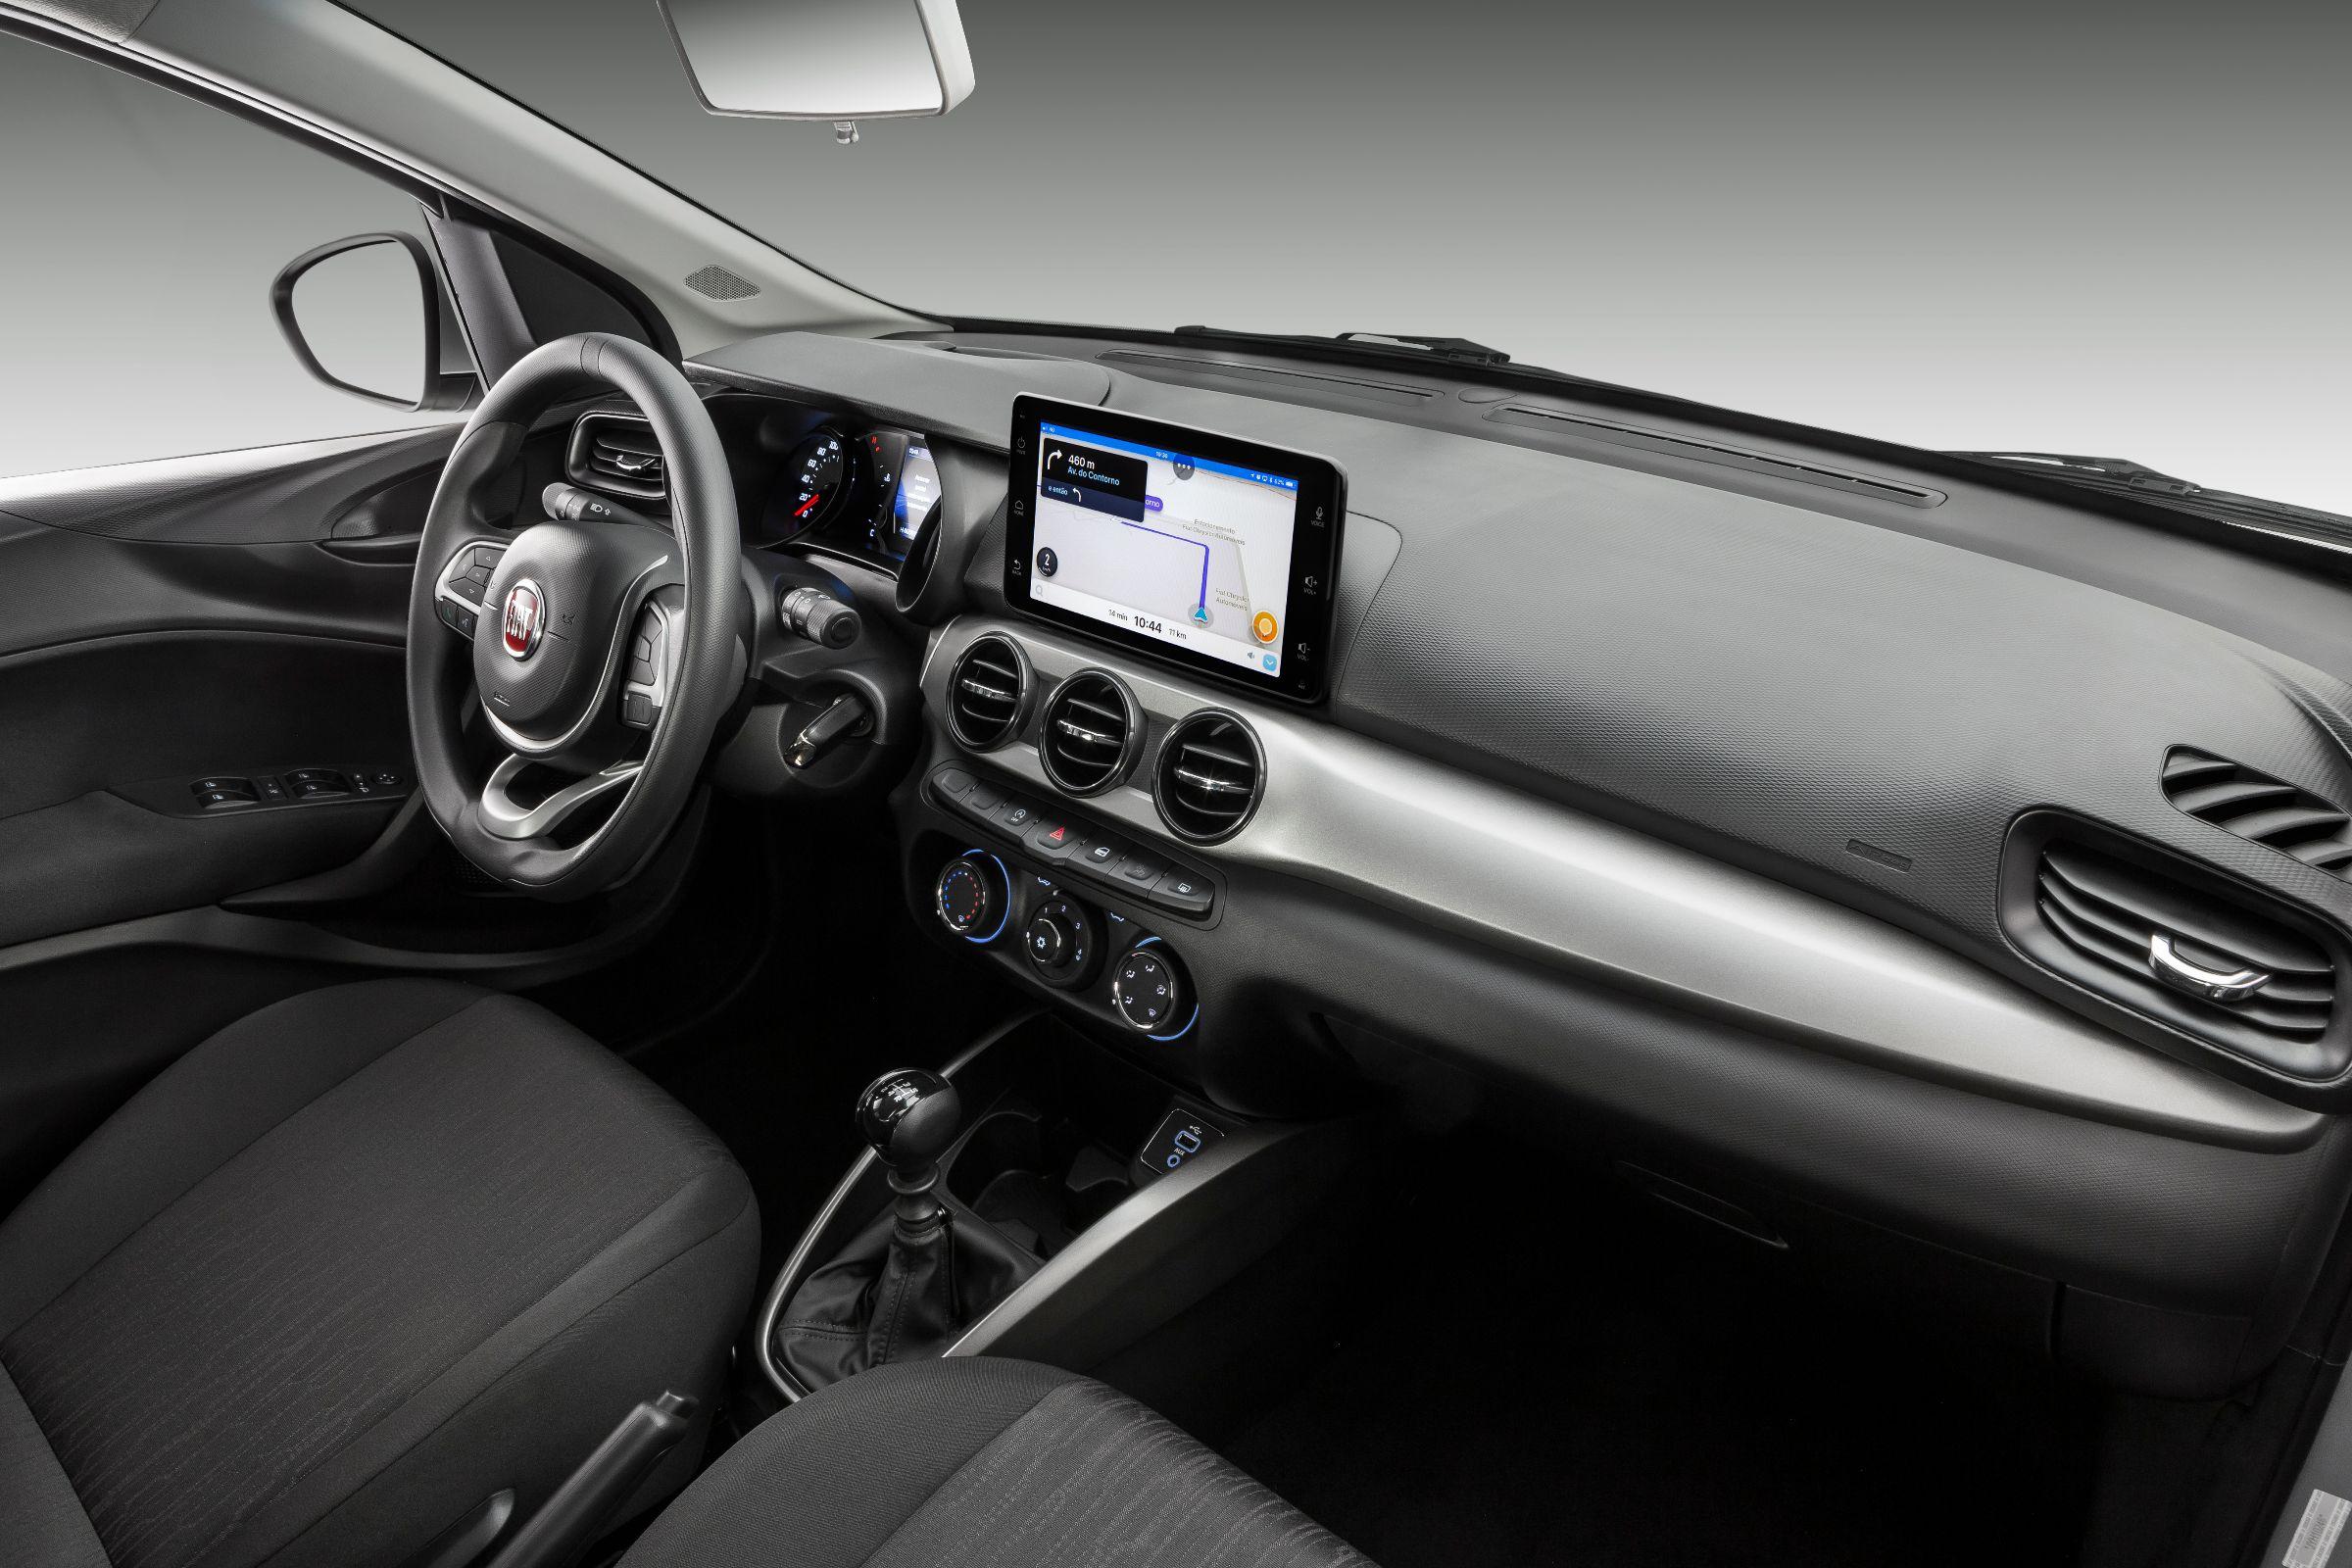 Chega ao mercado brasileiro a linha atualizada do hatch Fiat Argo. Conheça os preços e saiba o que mudou em cada uma das versões do Argo 2019.